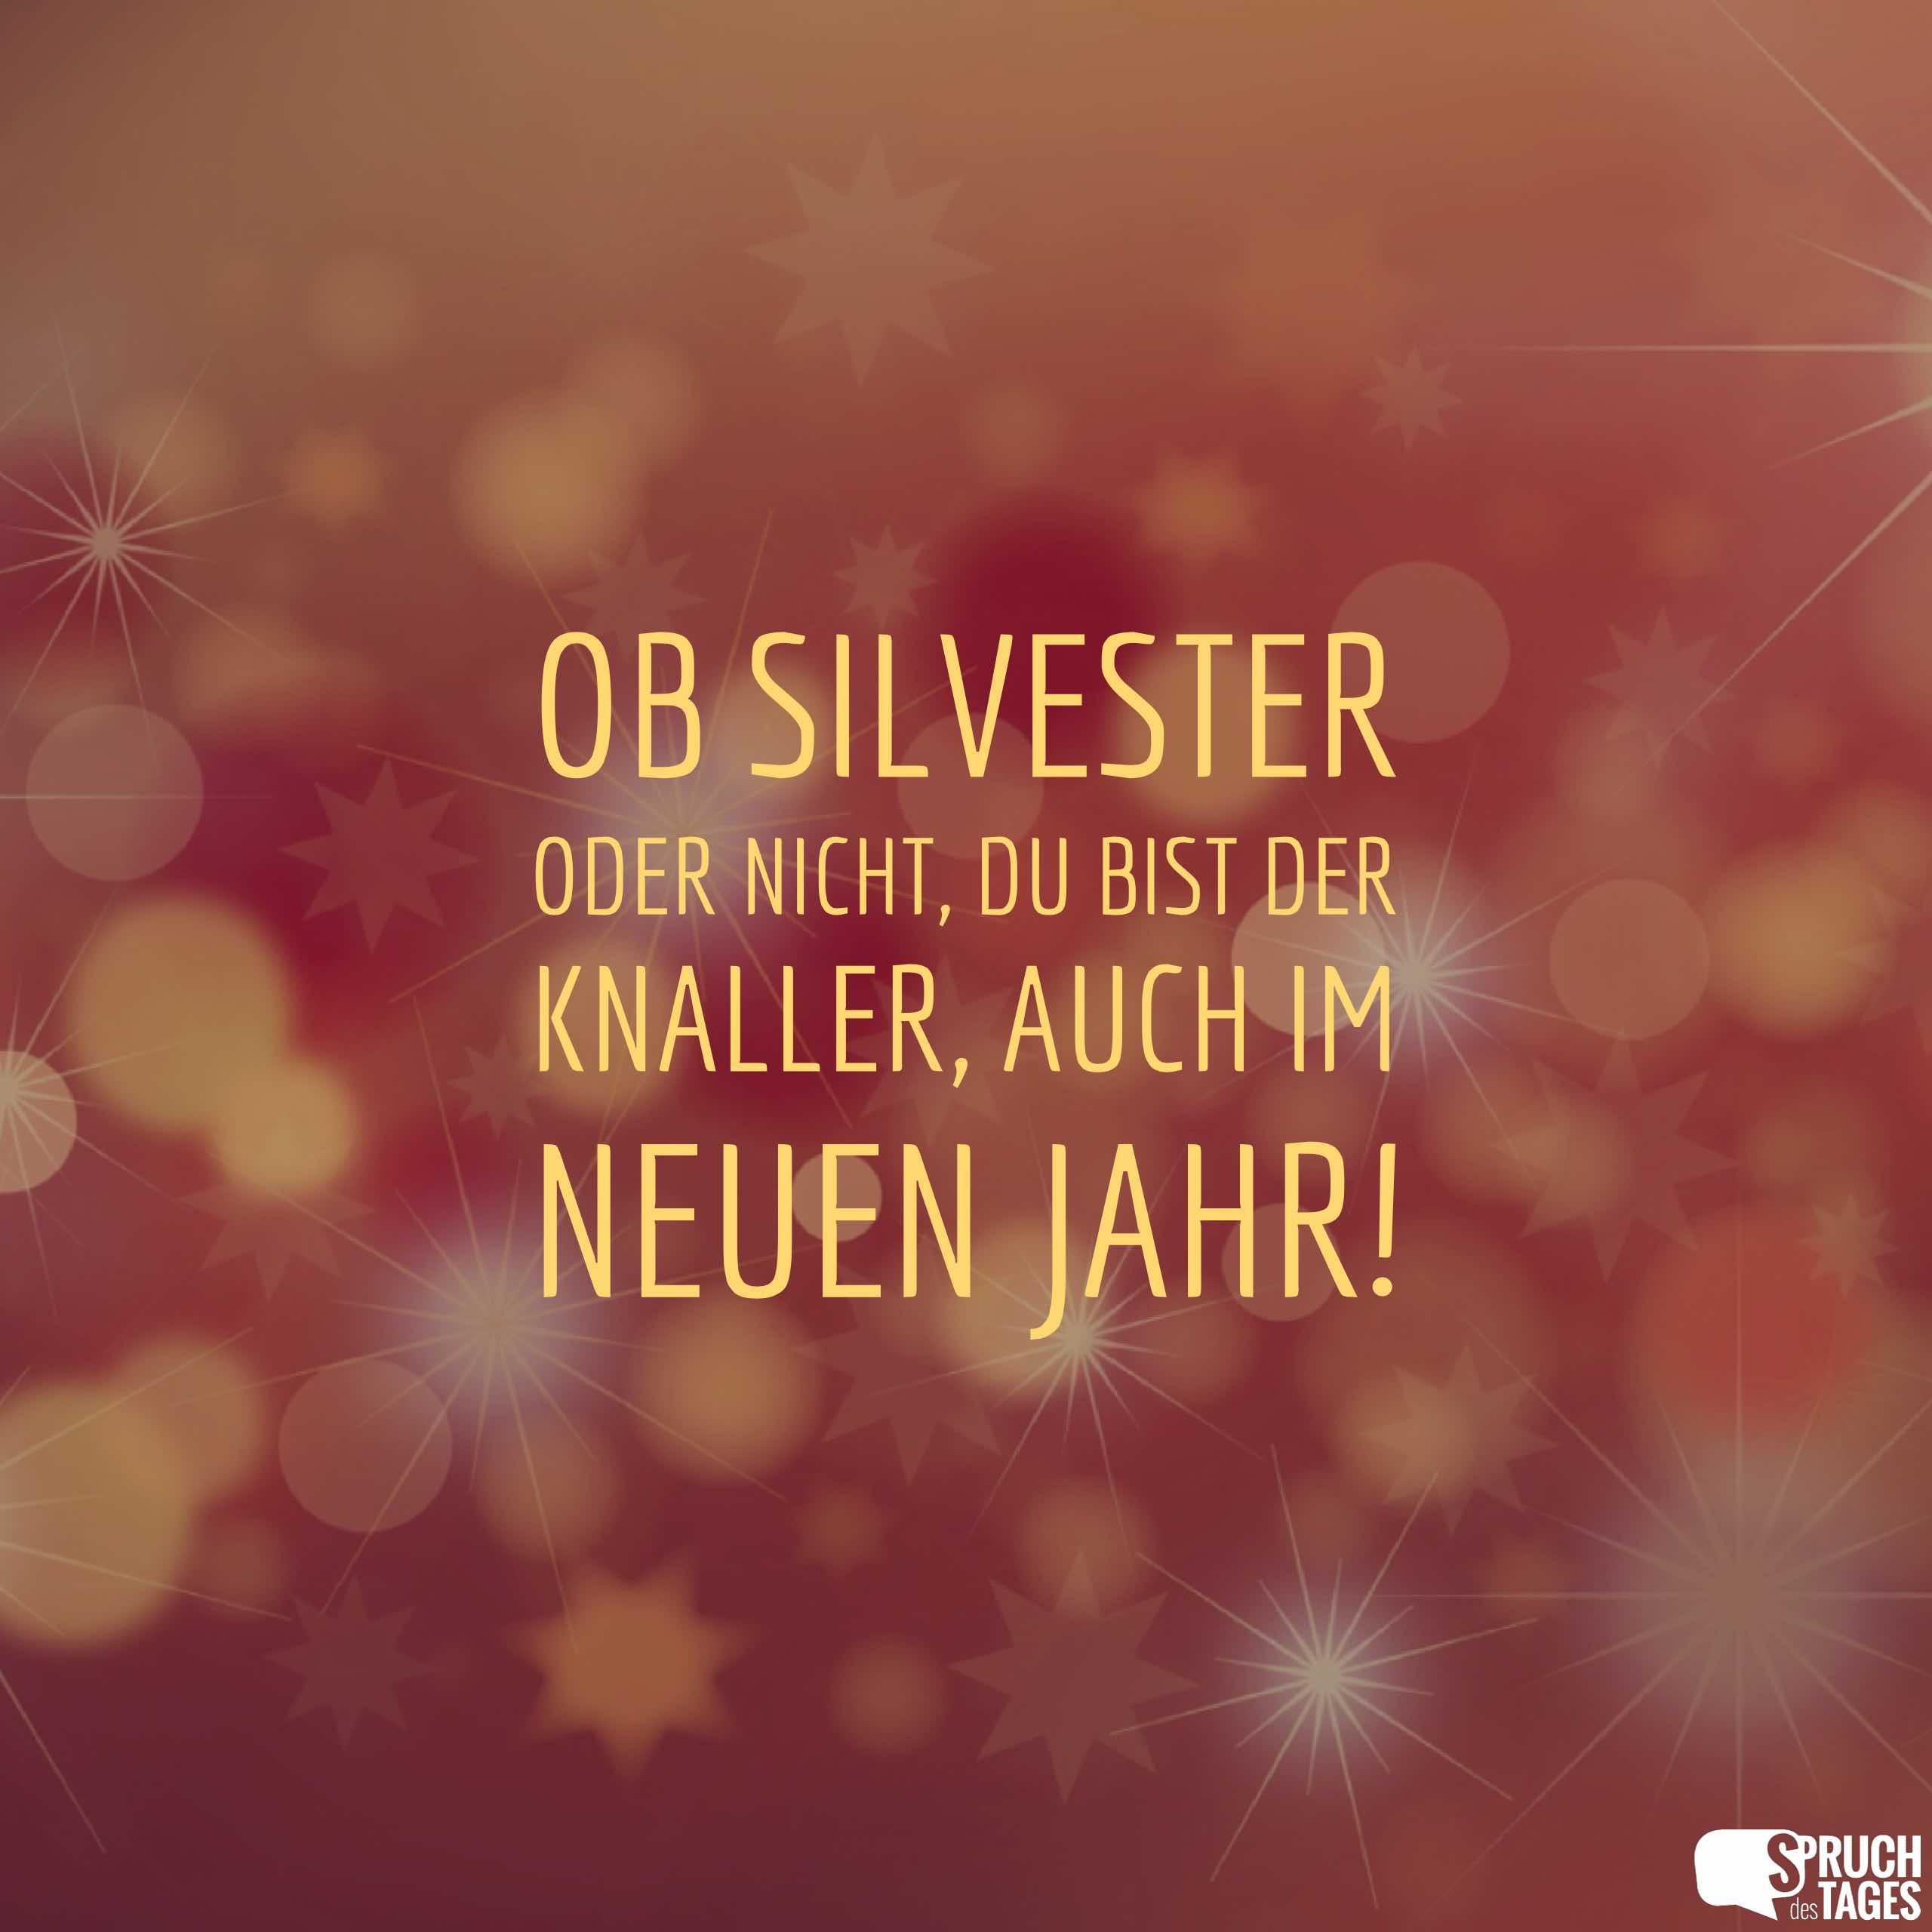 Silvestersprüche und Neujahrssprüche - Wünsche, Grüße und ...